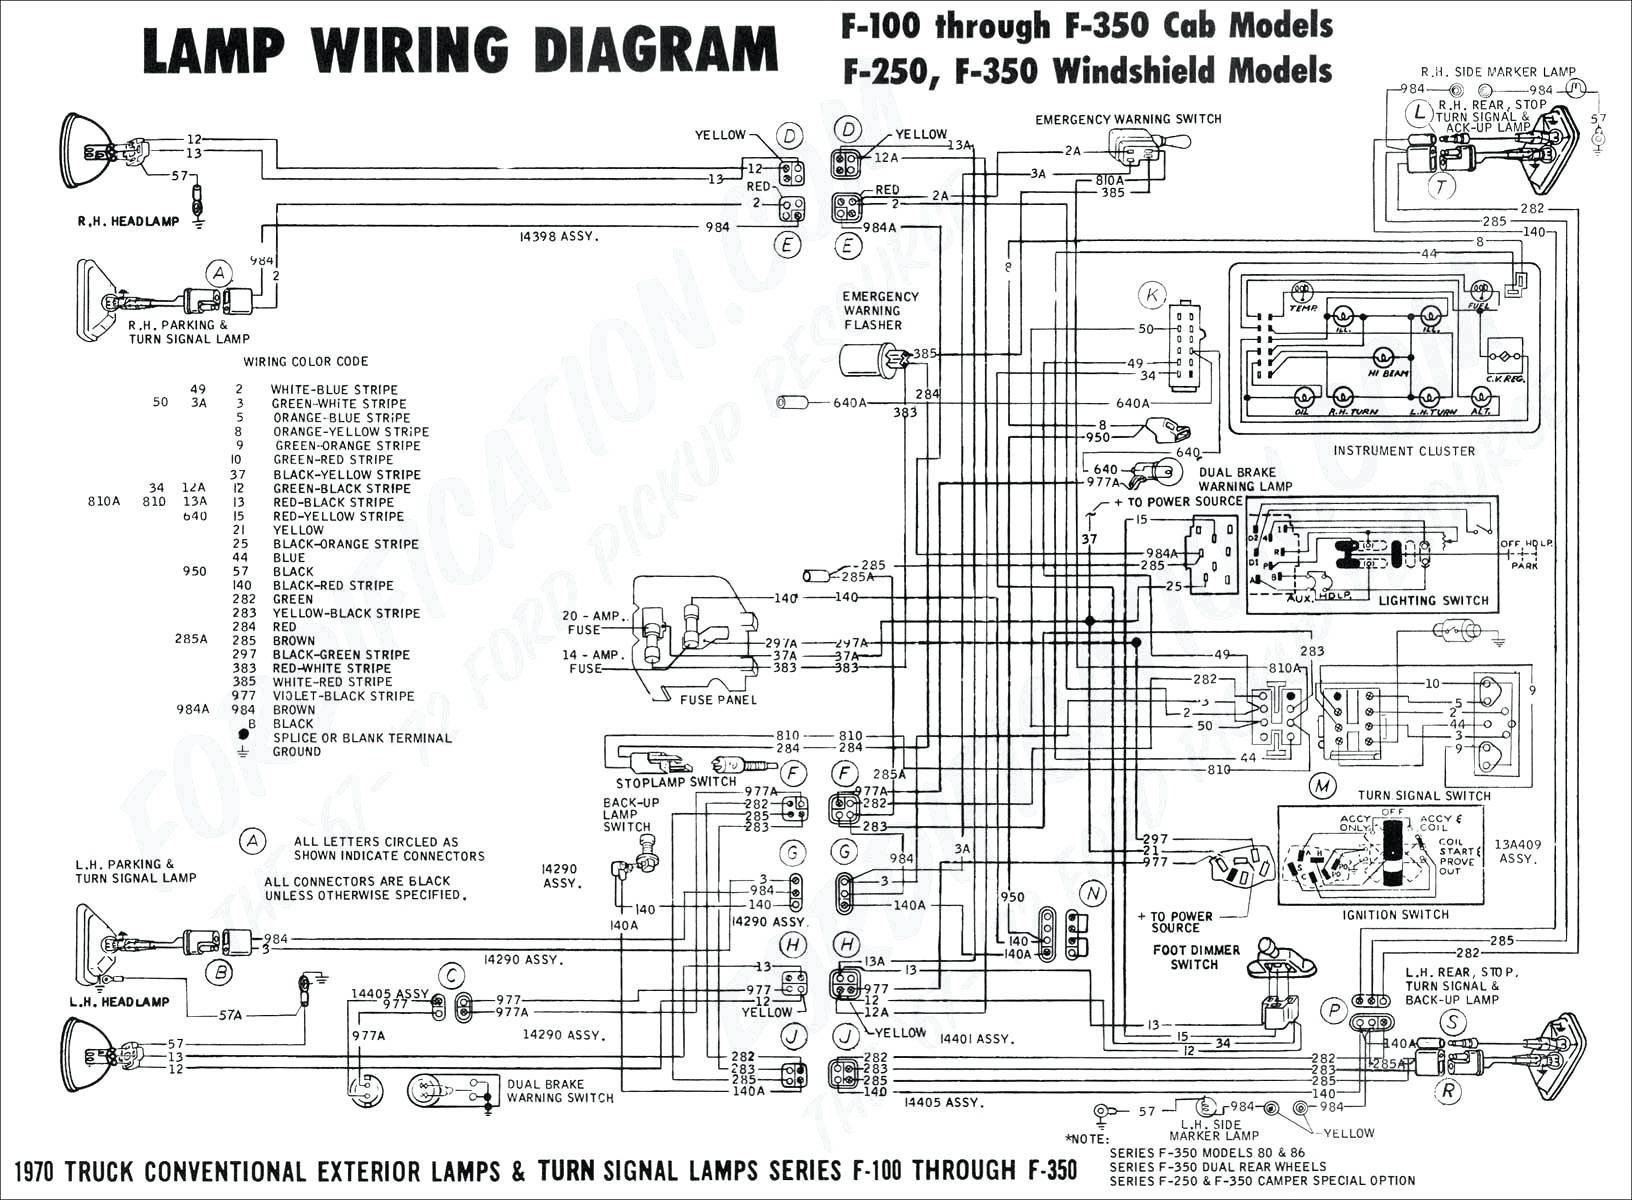 Small Engine Repair Diagrams Semi Trailer Wiring Diagram Image Of Small Engine Repair Diagrams